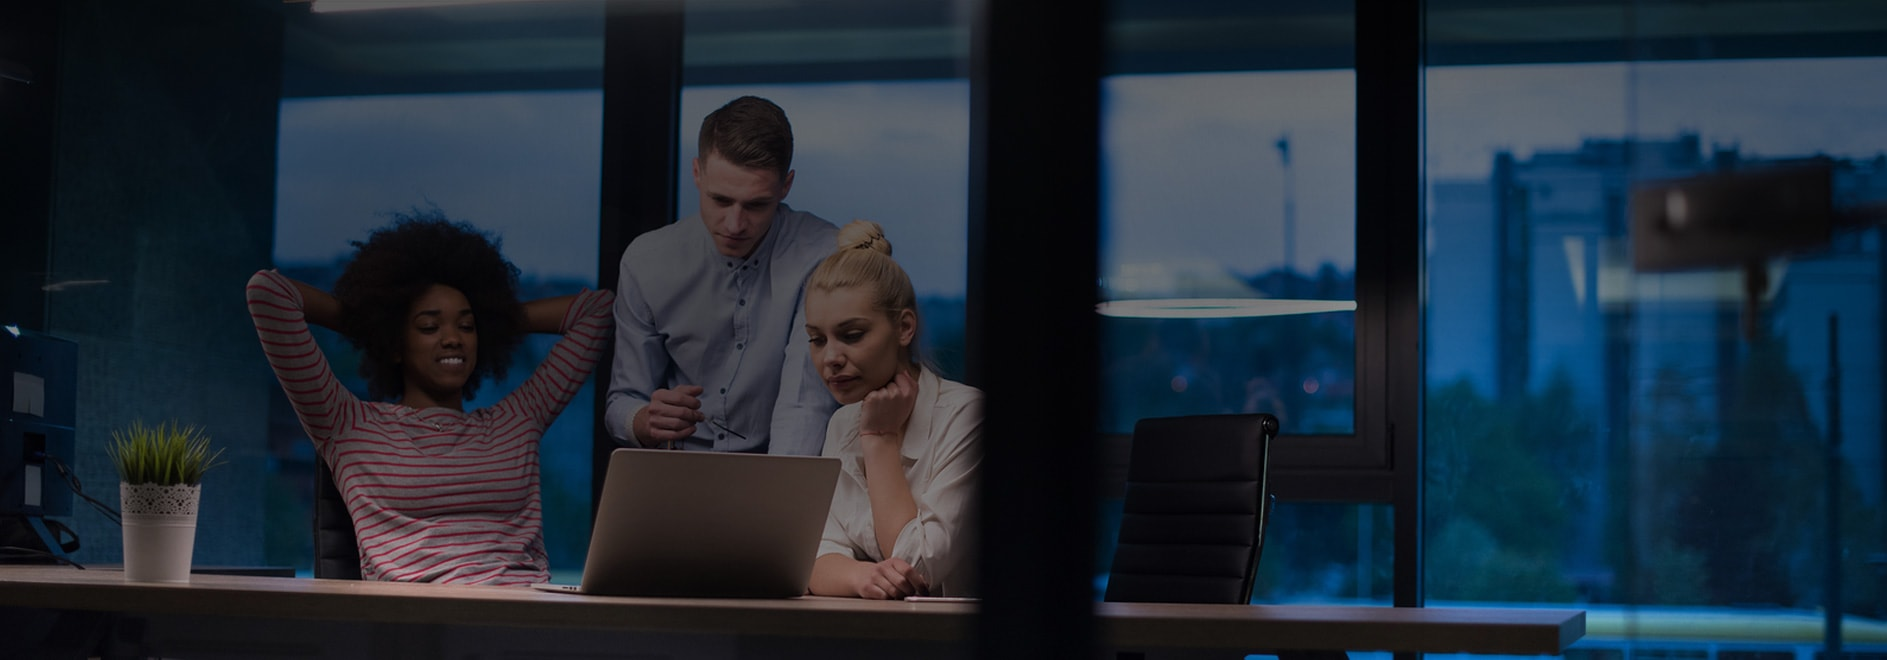 Intranet Employee Portal Development